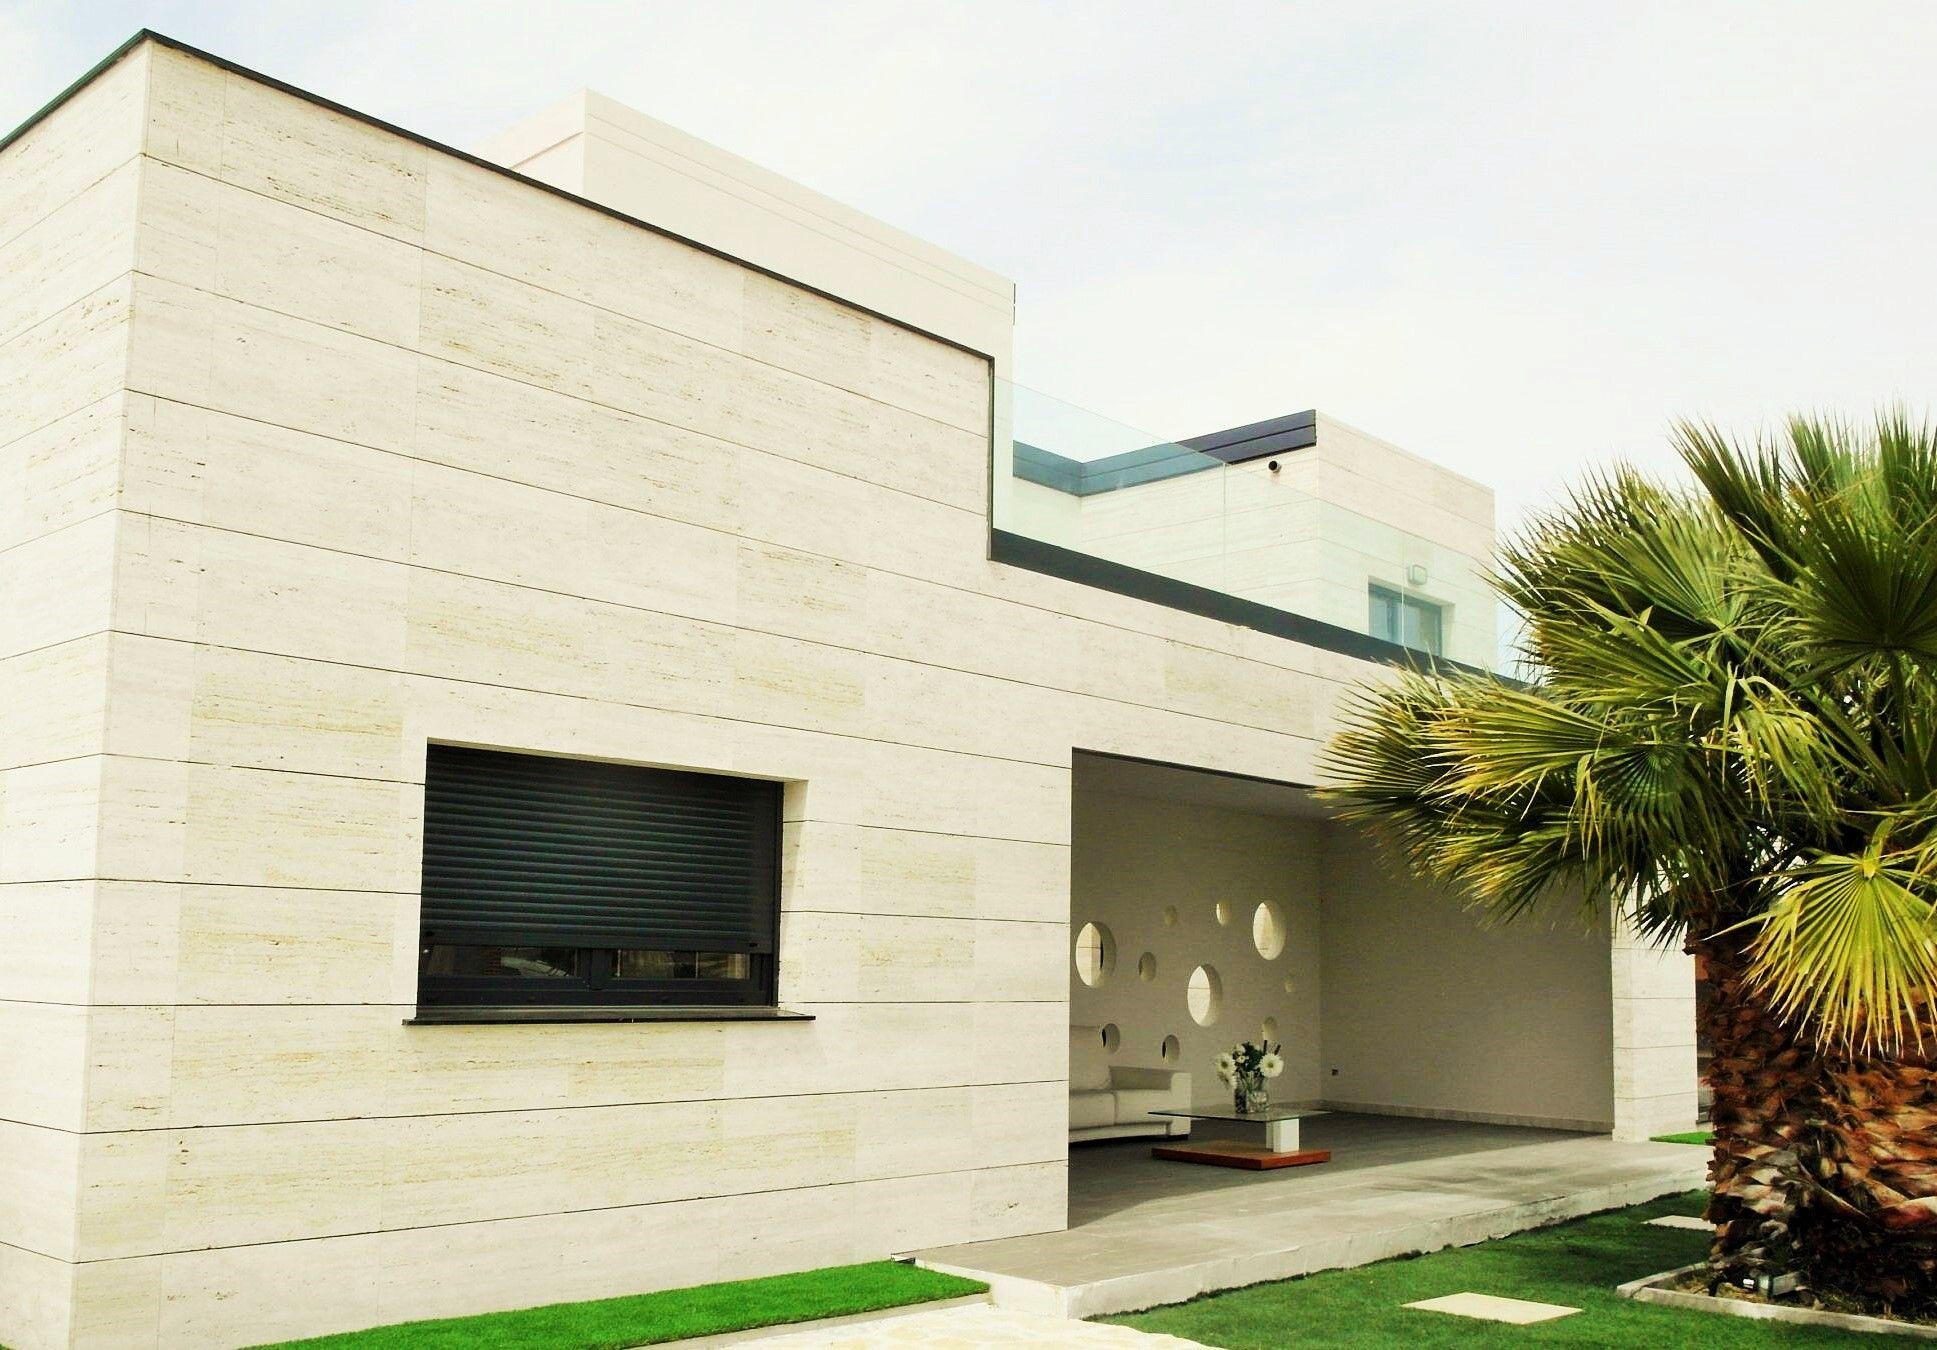 Casas de acero y hormigon - Casas de acero prefabricadas ...